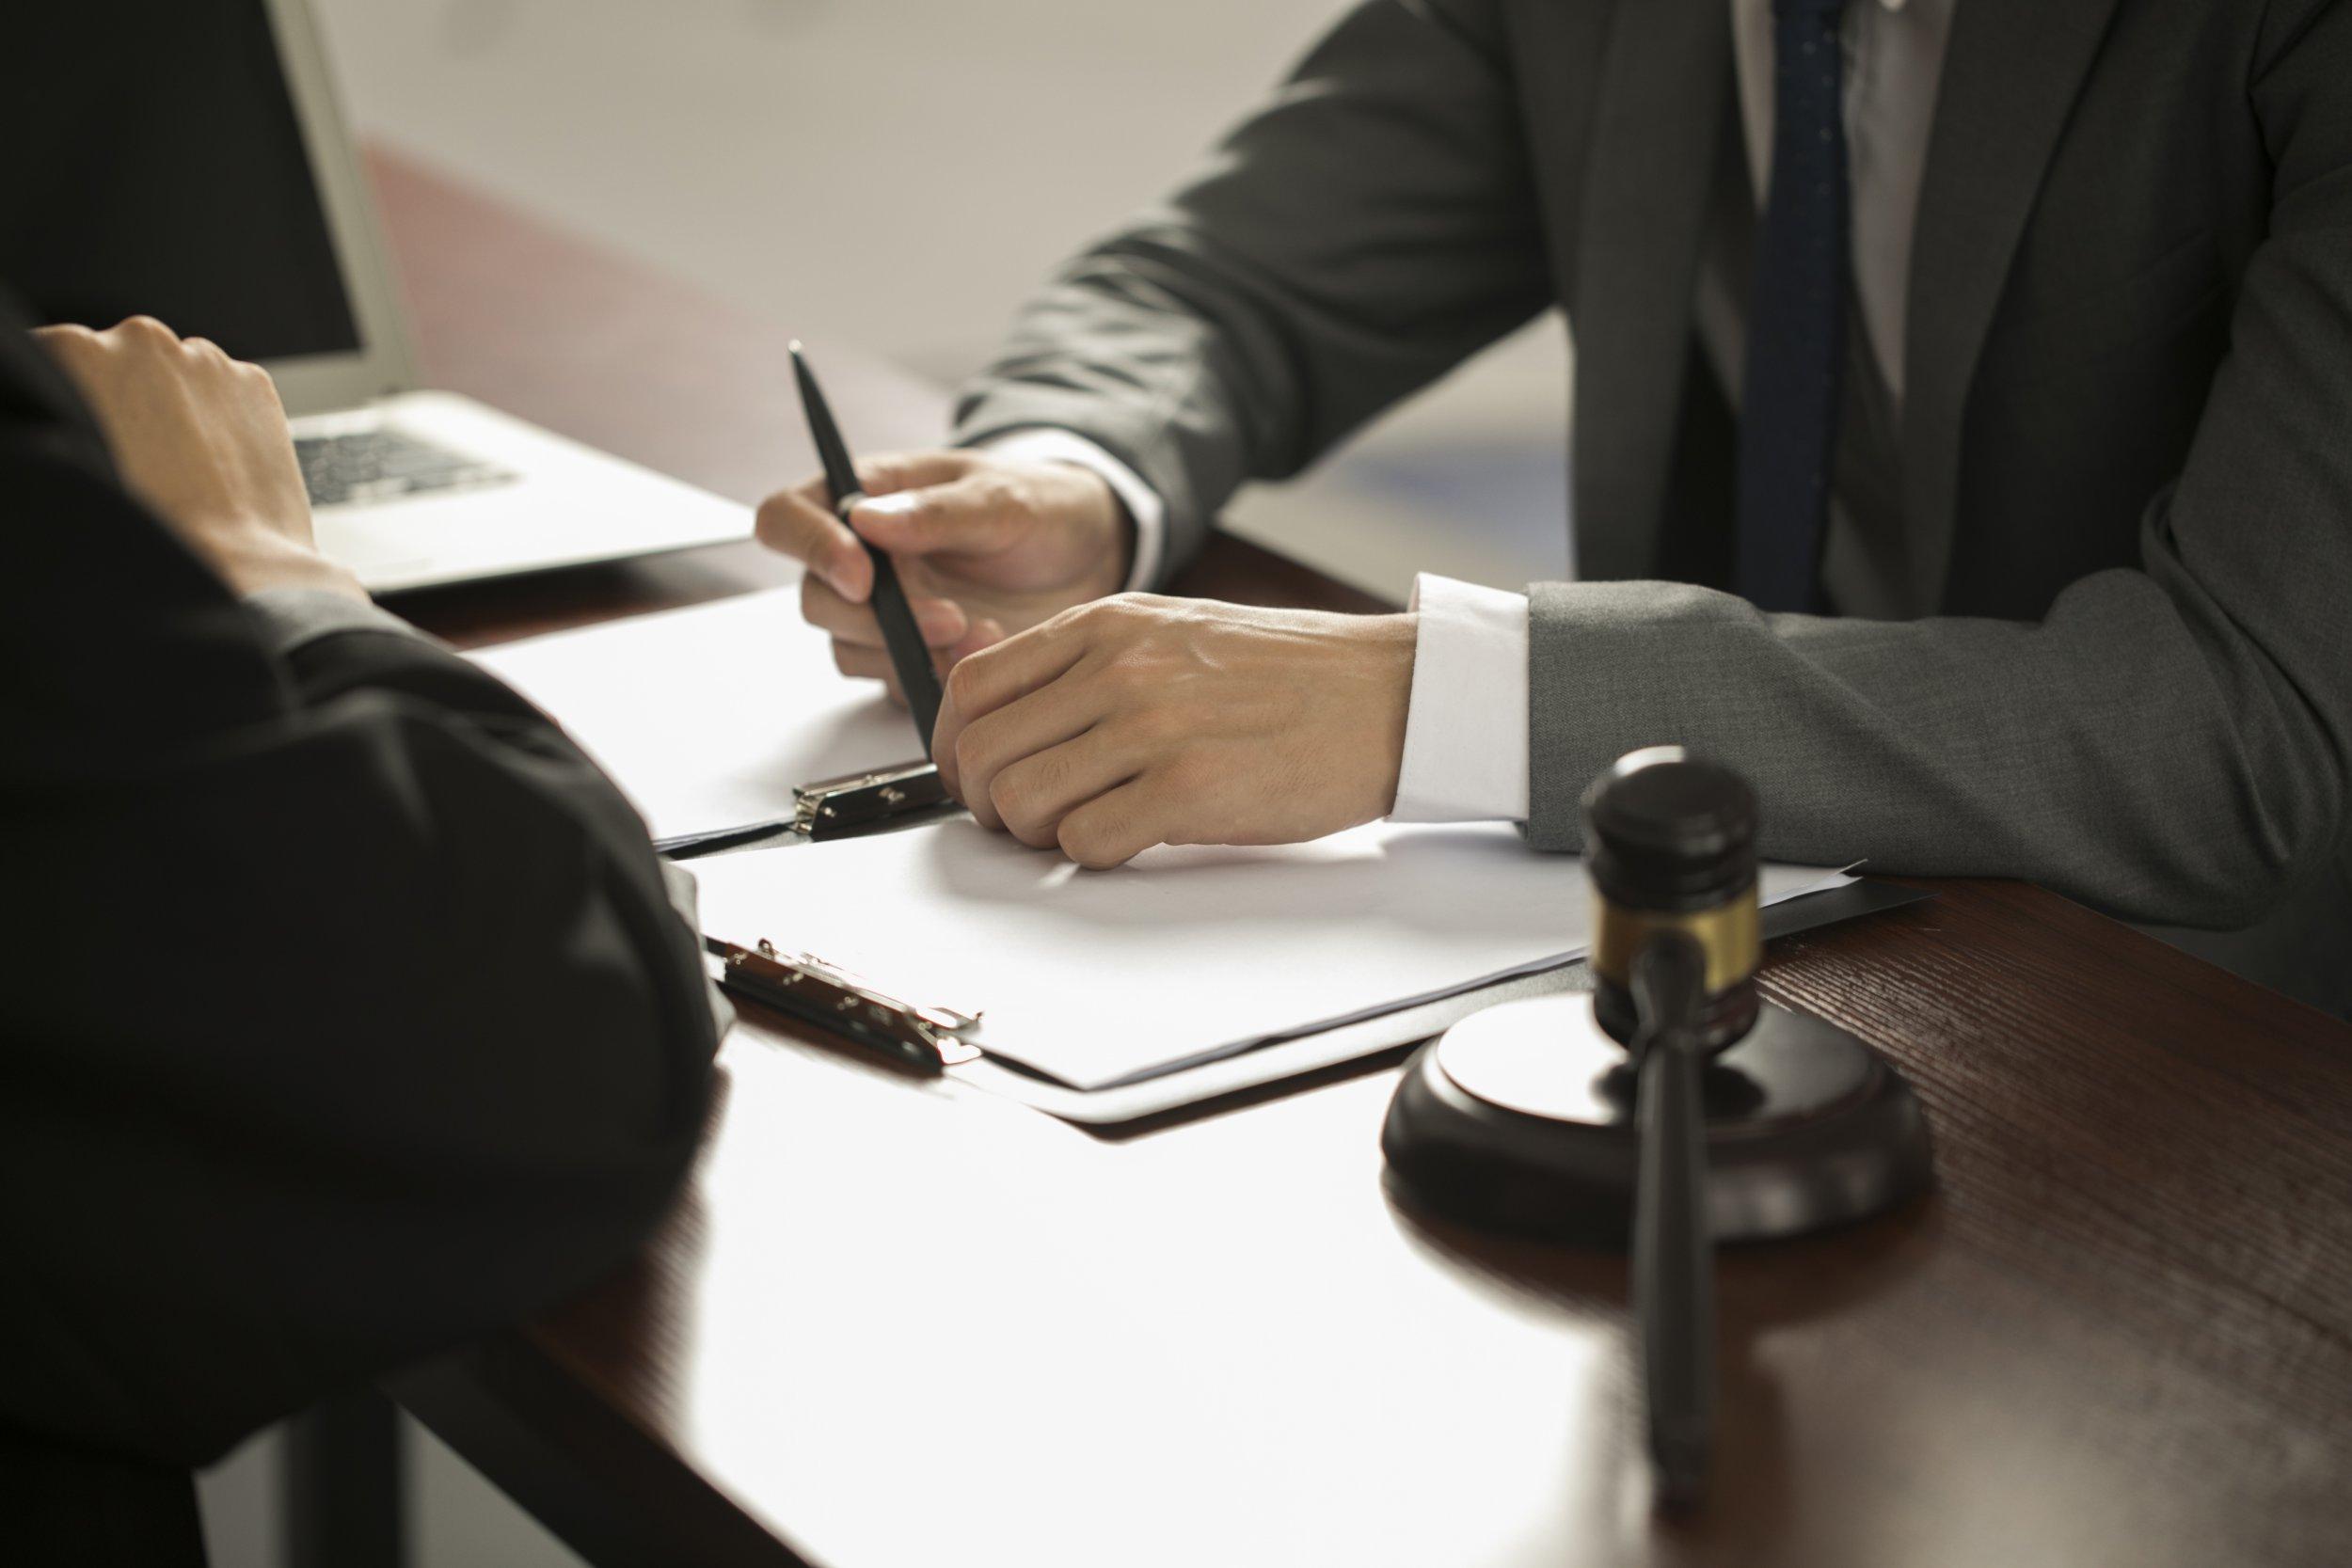 佐钊家宁帮助当事人认定离婚后的补充协议有效